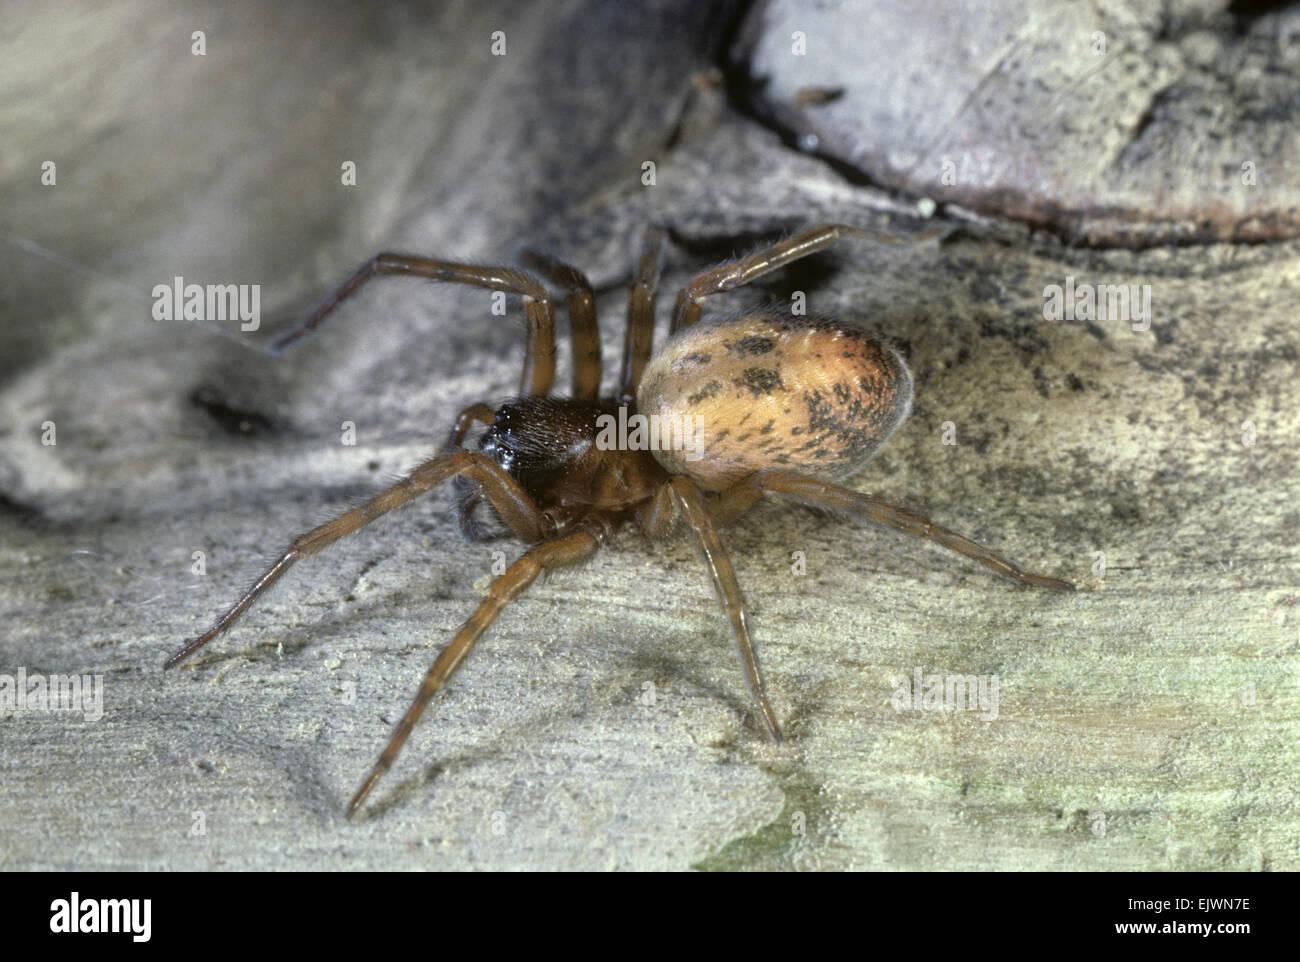 Lace-weaver Spider - Amaurobius similis - Stock Image